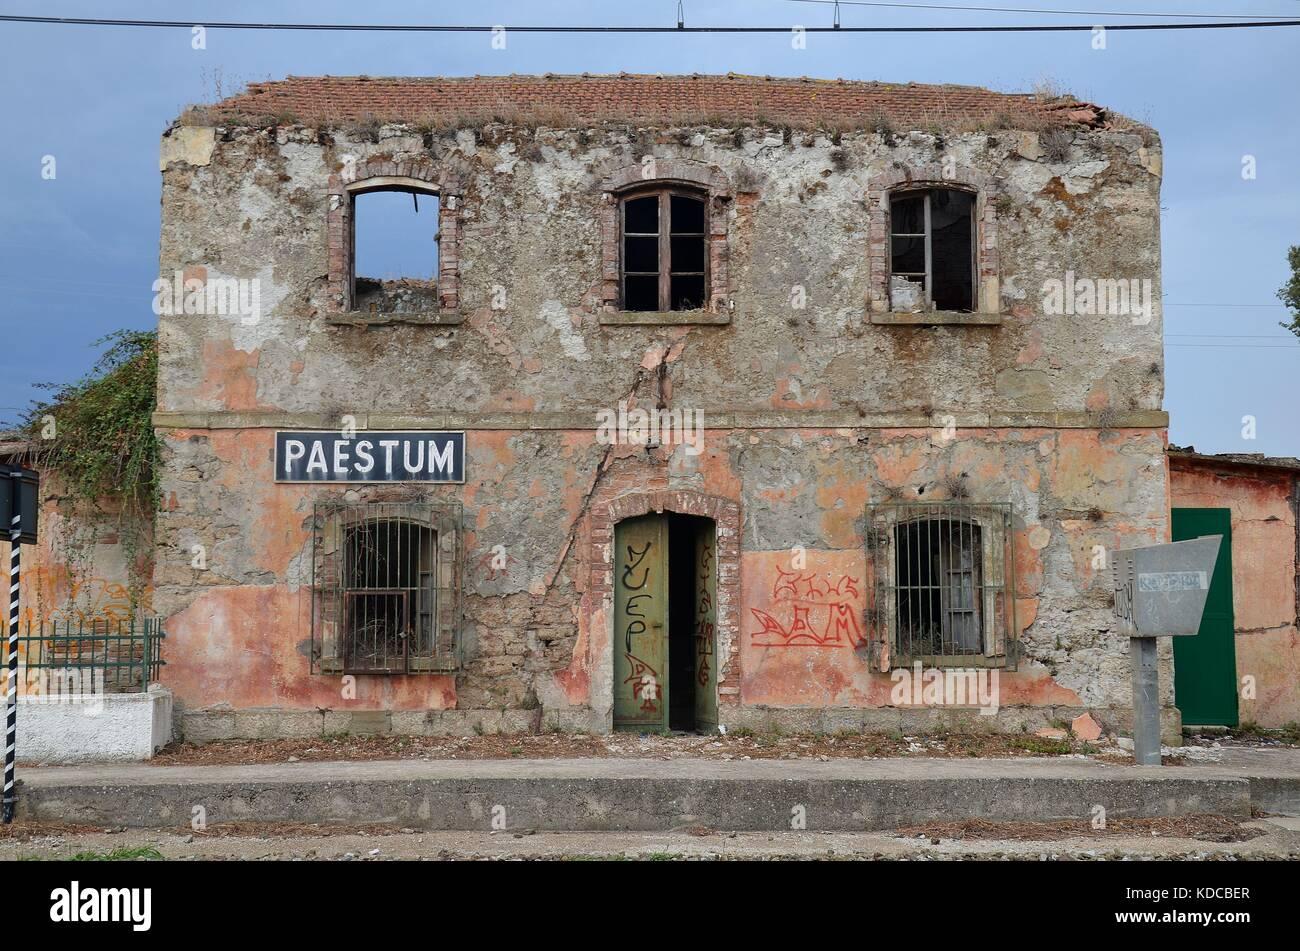 Bahnstation von Paestum, Kampanien, Italien - Stock Image